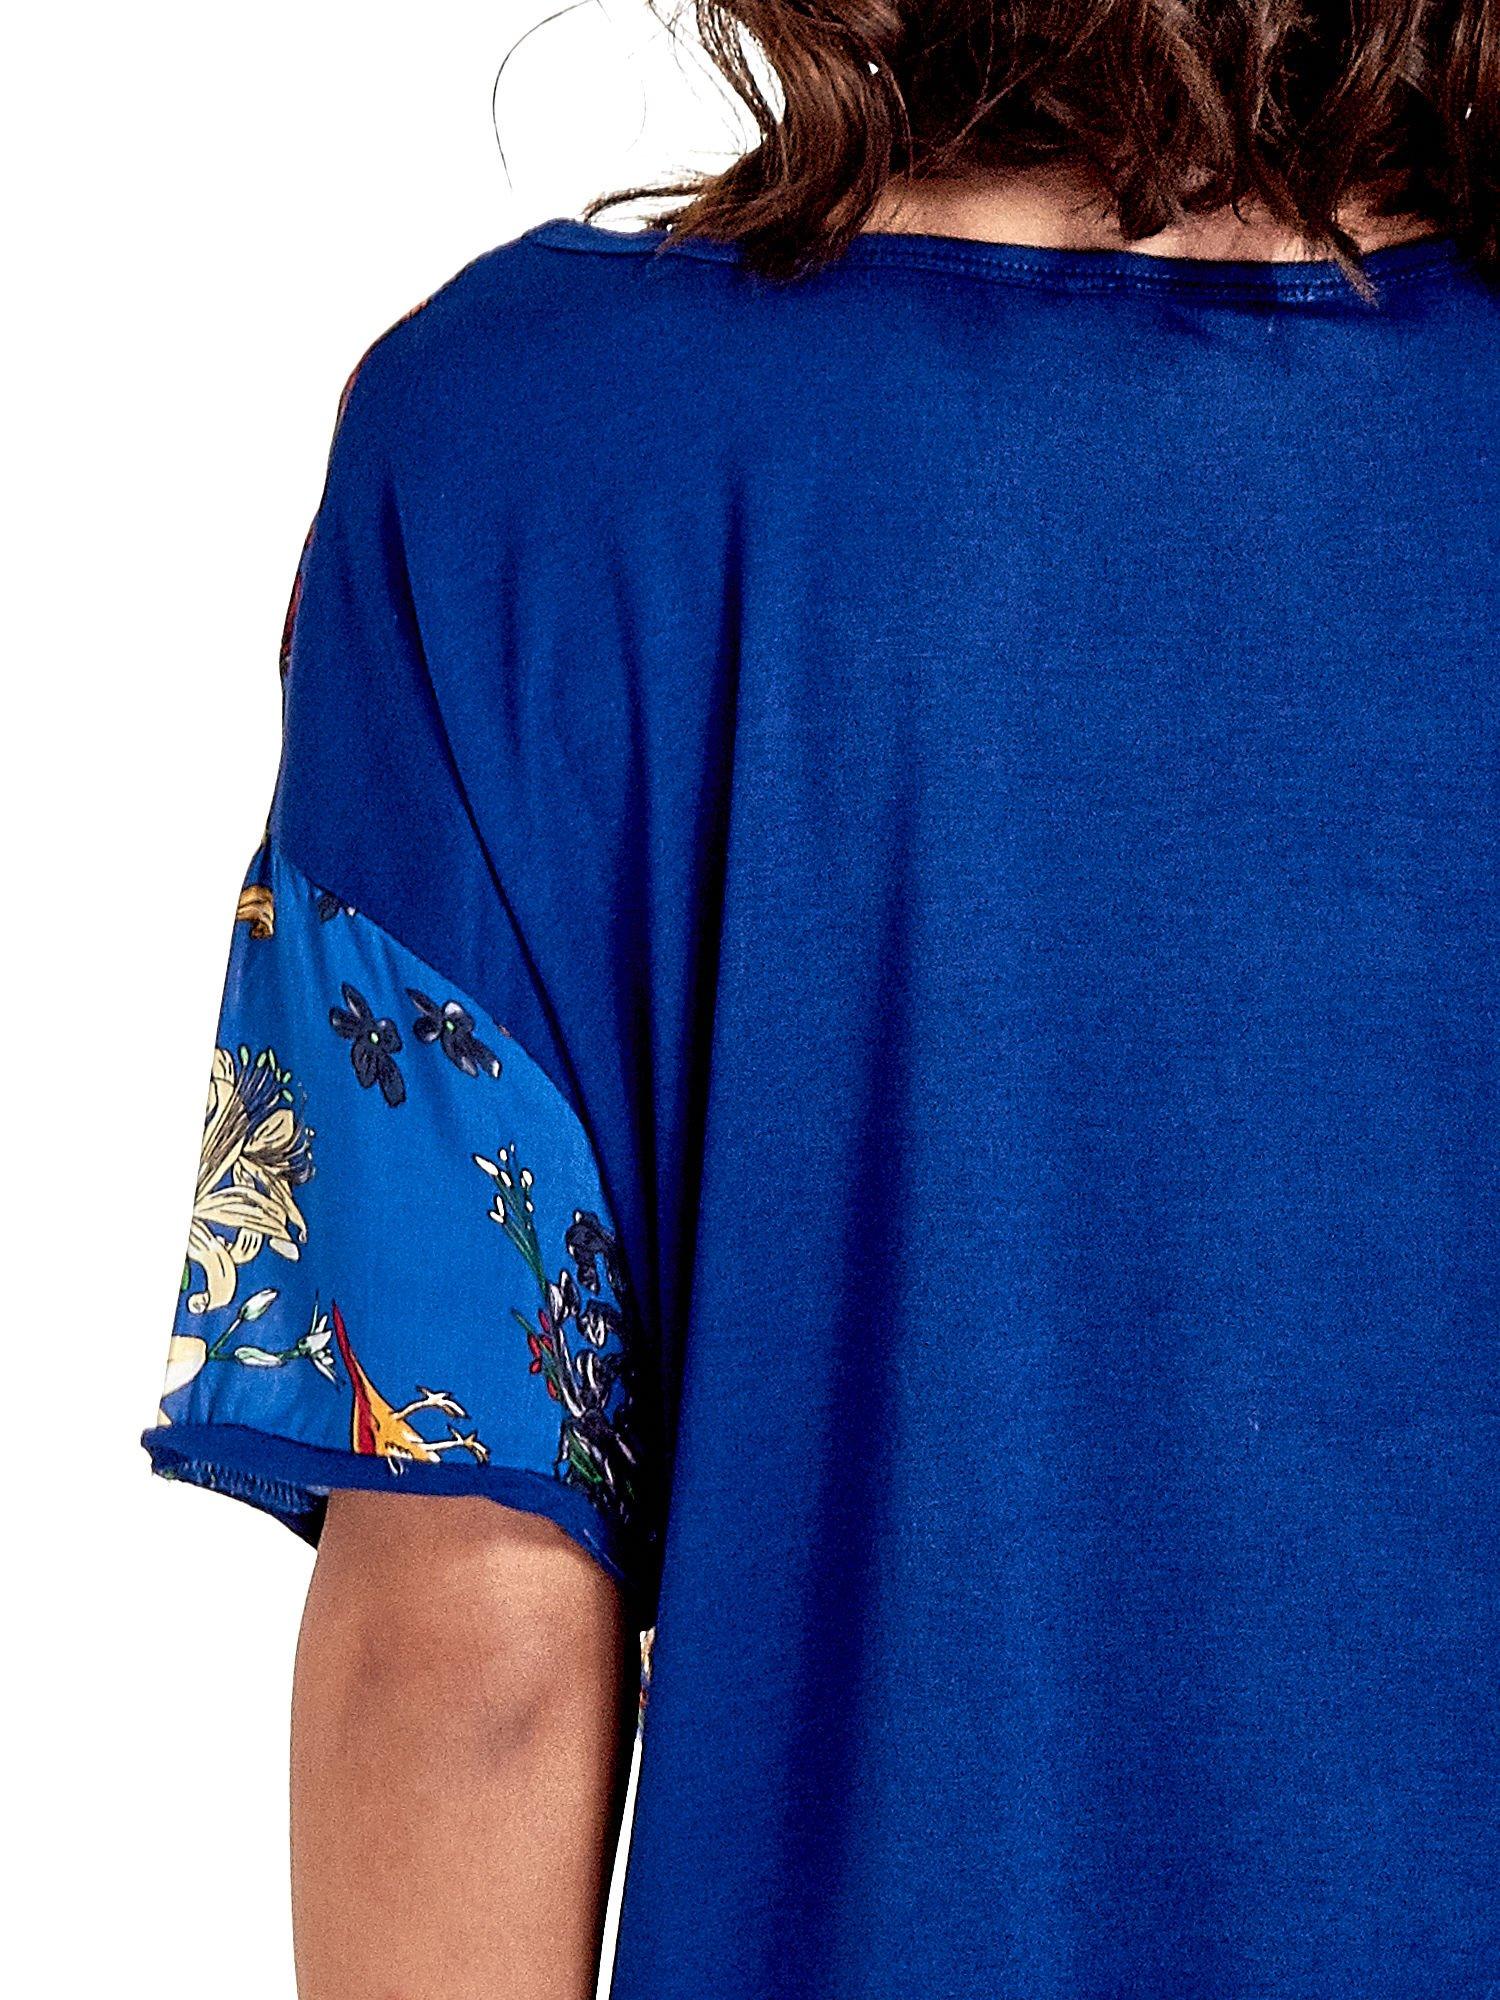 Ciemnoniebieski t-shirt we wzór roślinny                                  zdj.                                  5